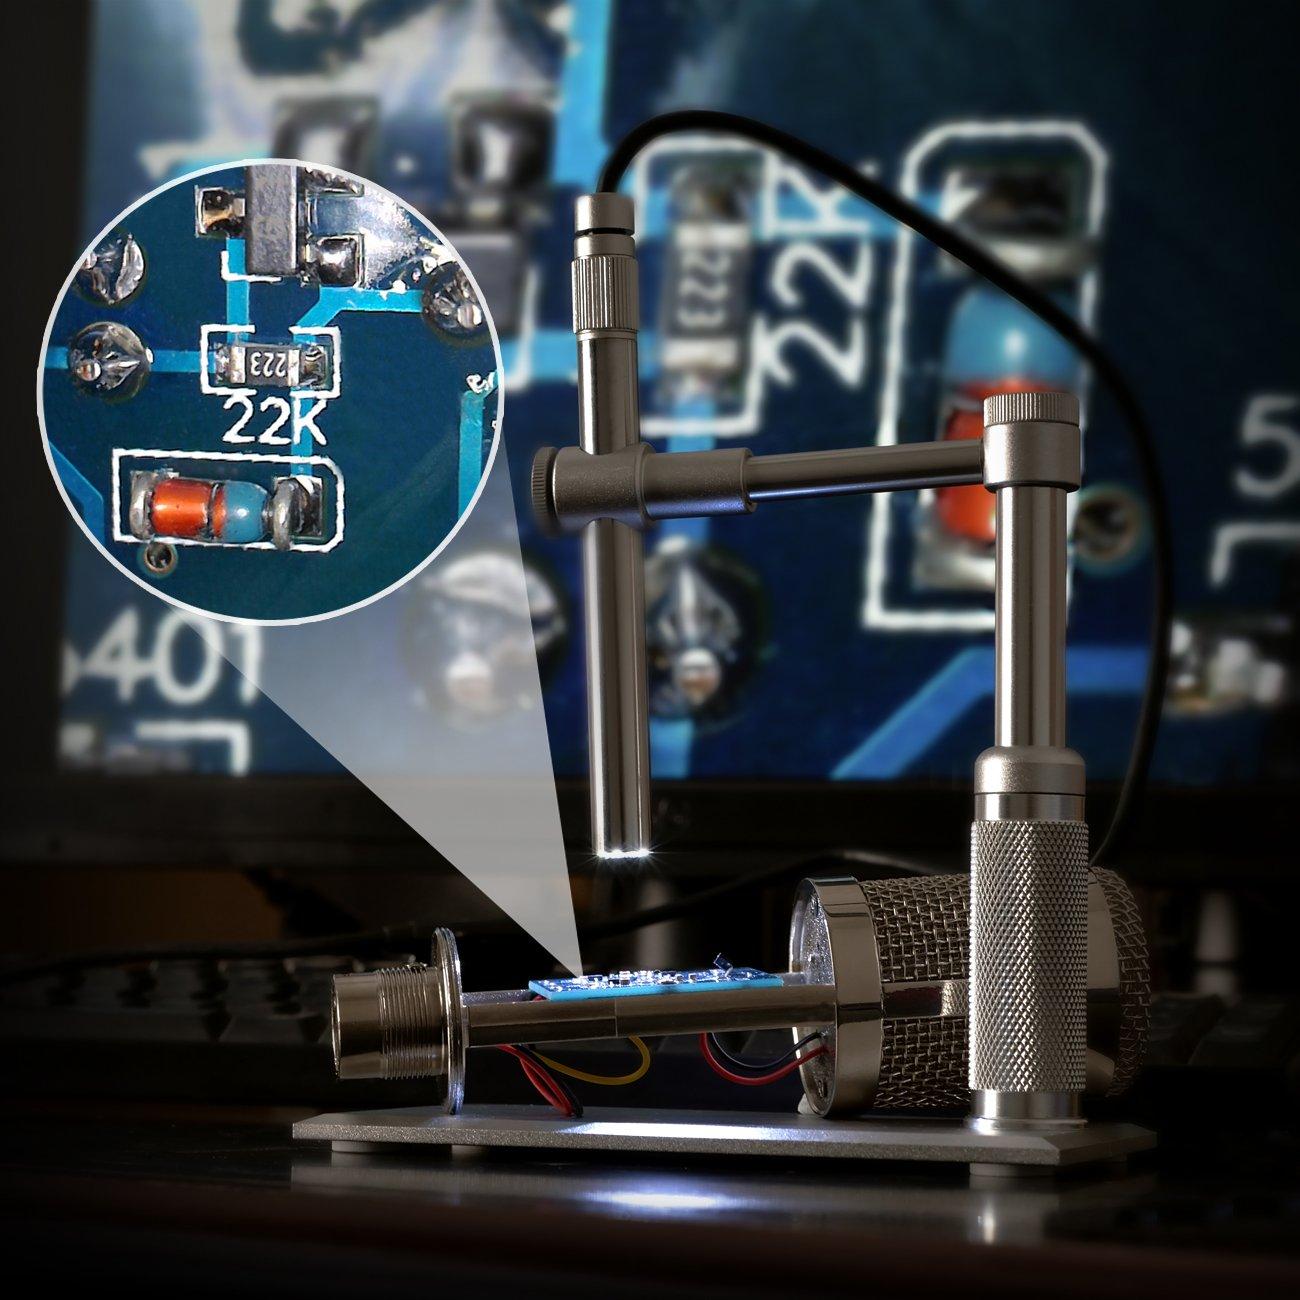 sensore CMOS avanzato 500X Ingrandimento con Sensore CMOS Avanzato Ispezione PCB 8 Luce LED Regolabile SHUOGOU USB Digitale Microscopio 2.0MP 1600 x 1200 HD Imaging